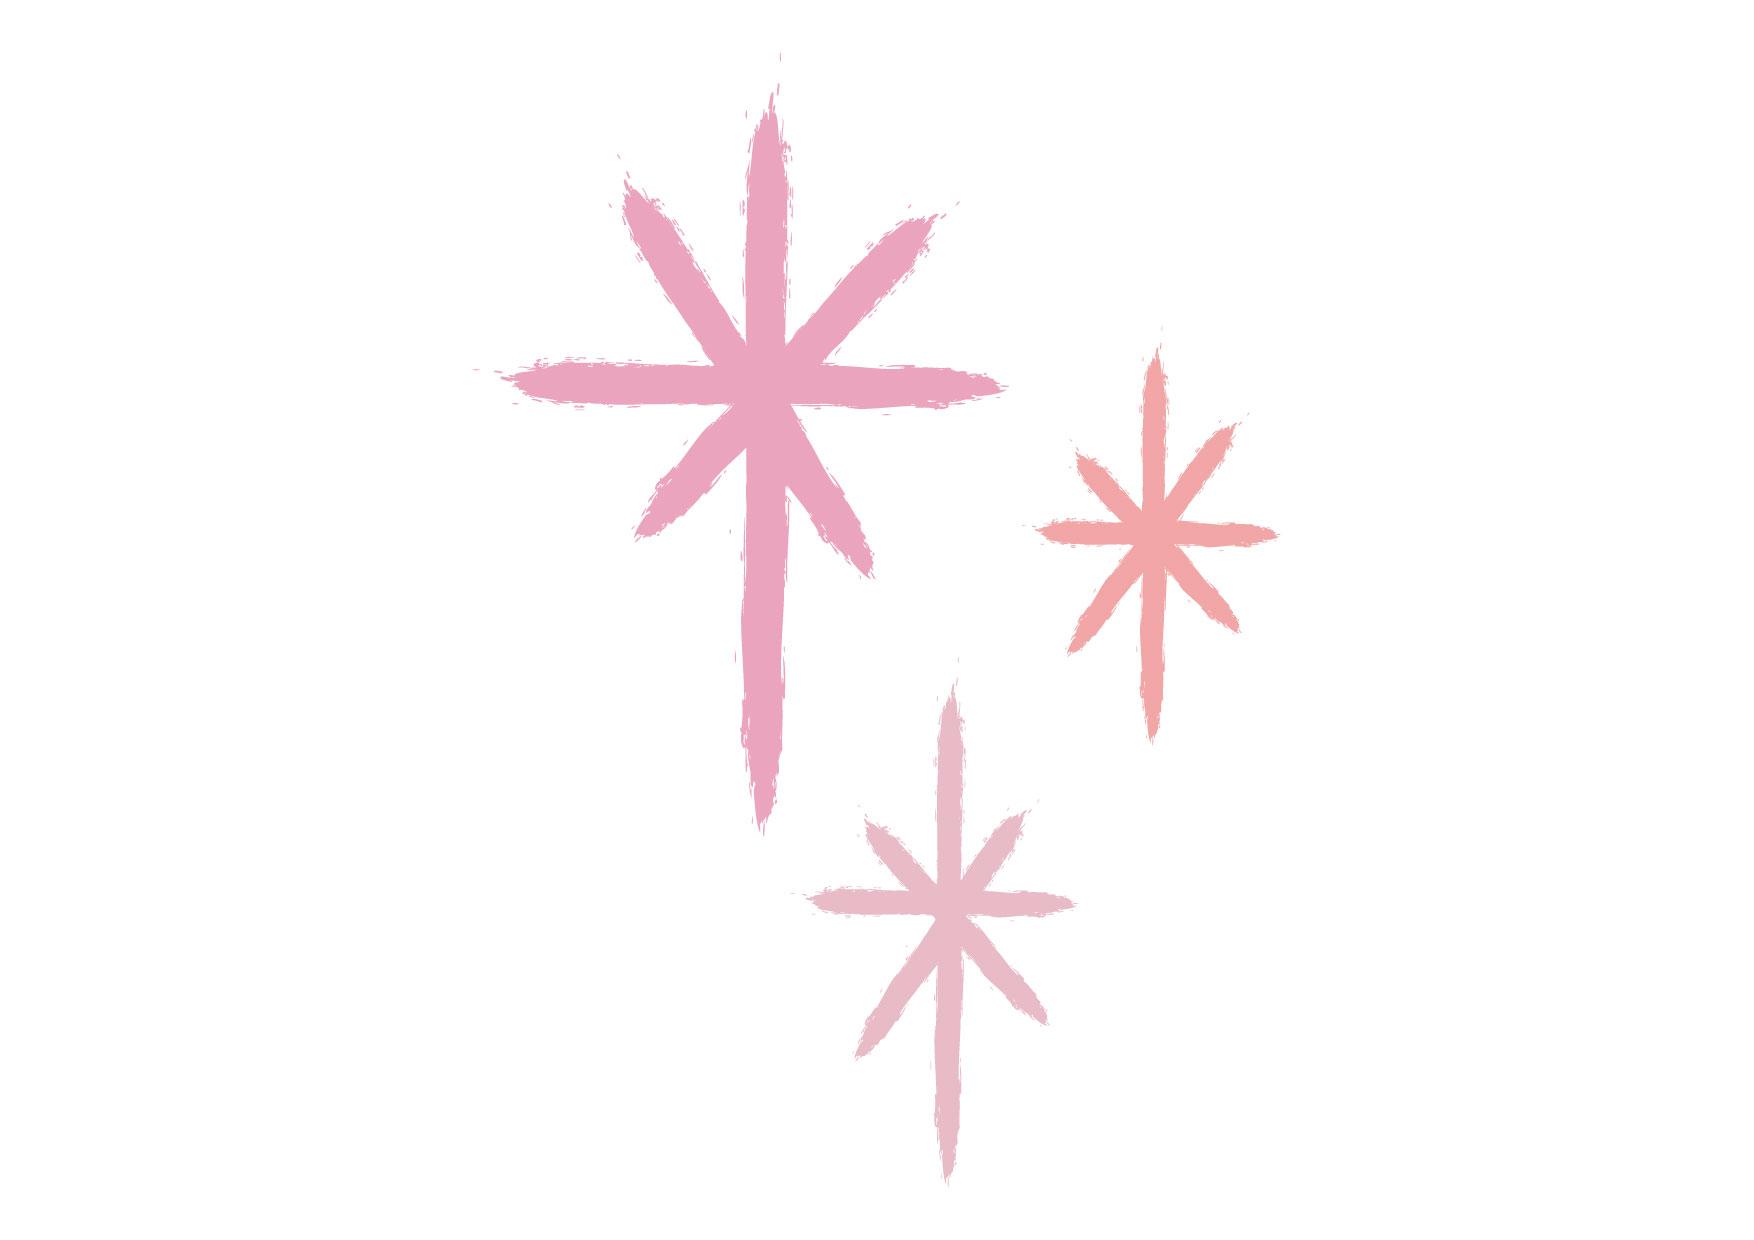 可愛いイラスト無料|キラキラ 光 ピンク − free illustration Glitter light pink